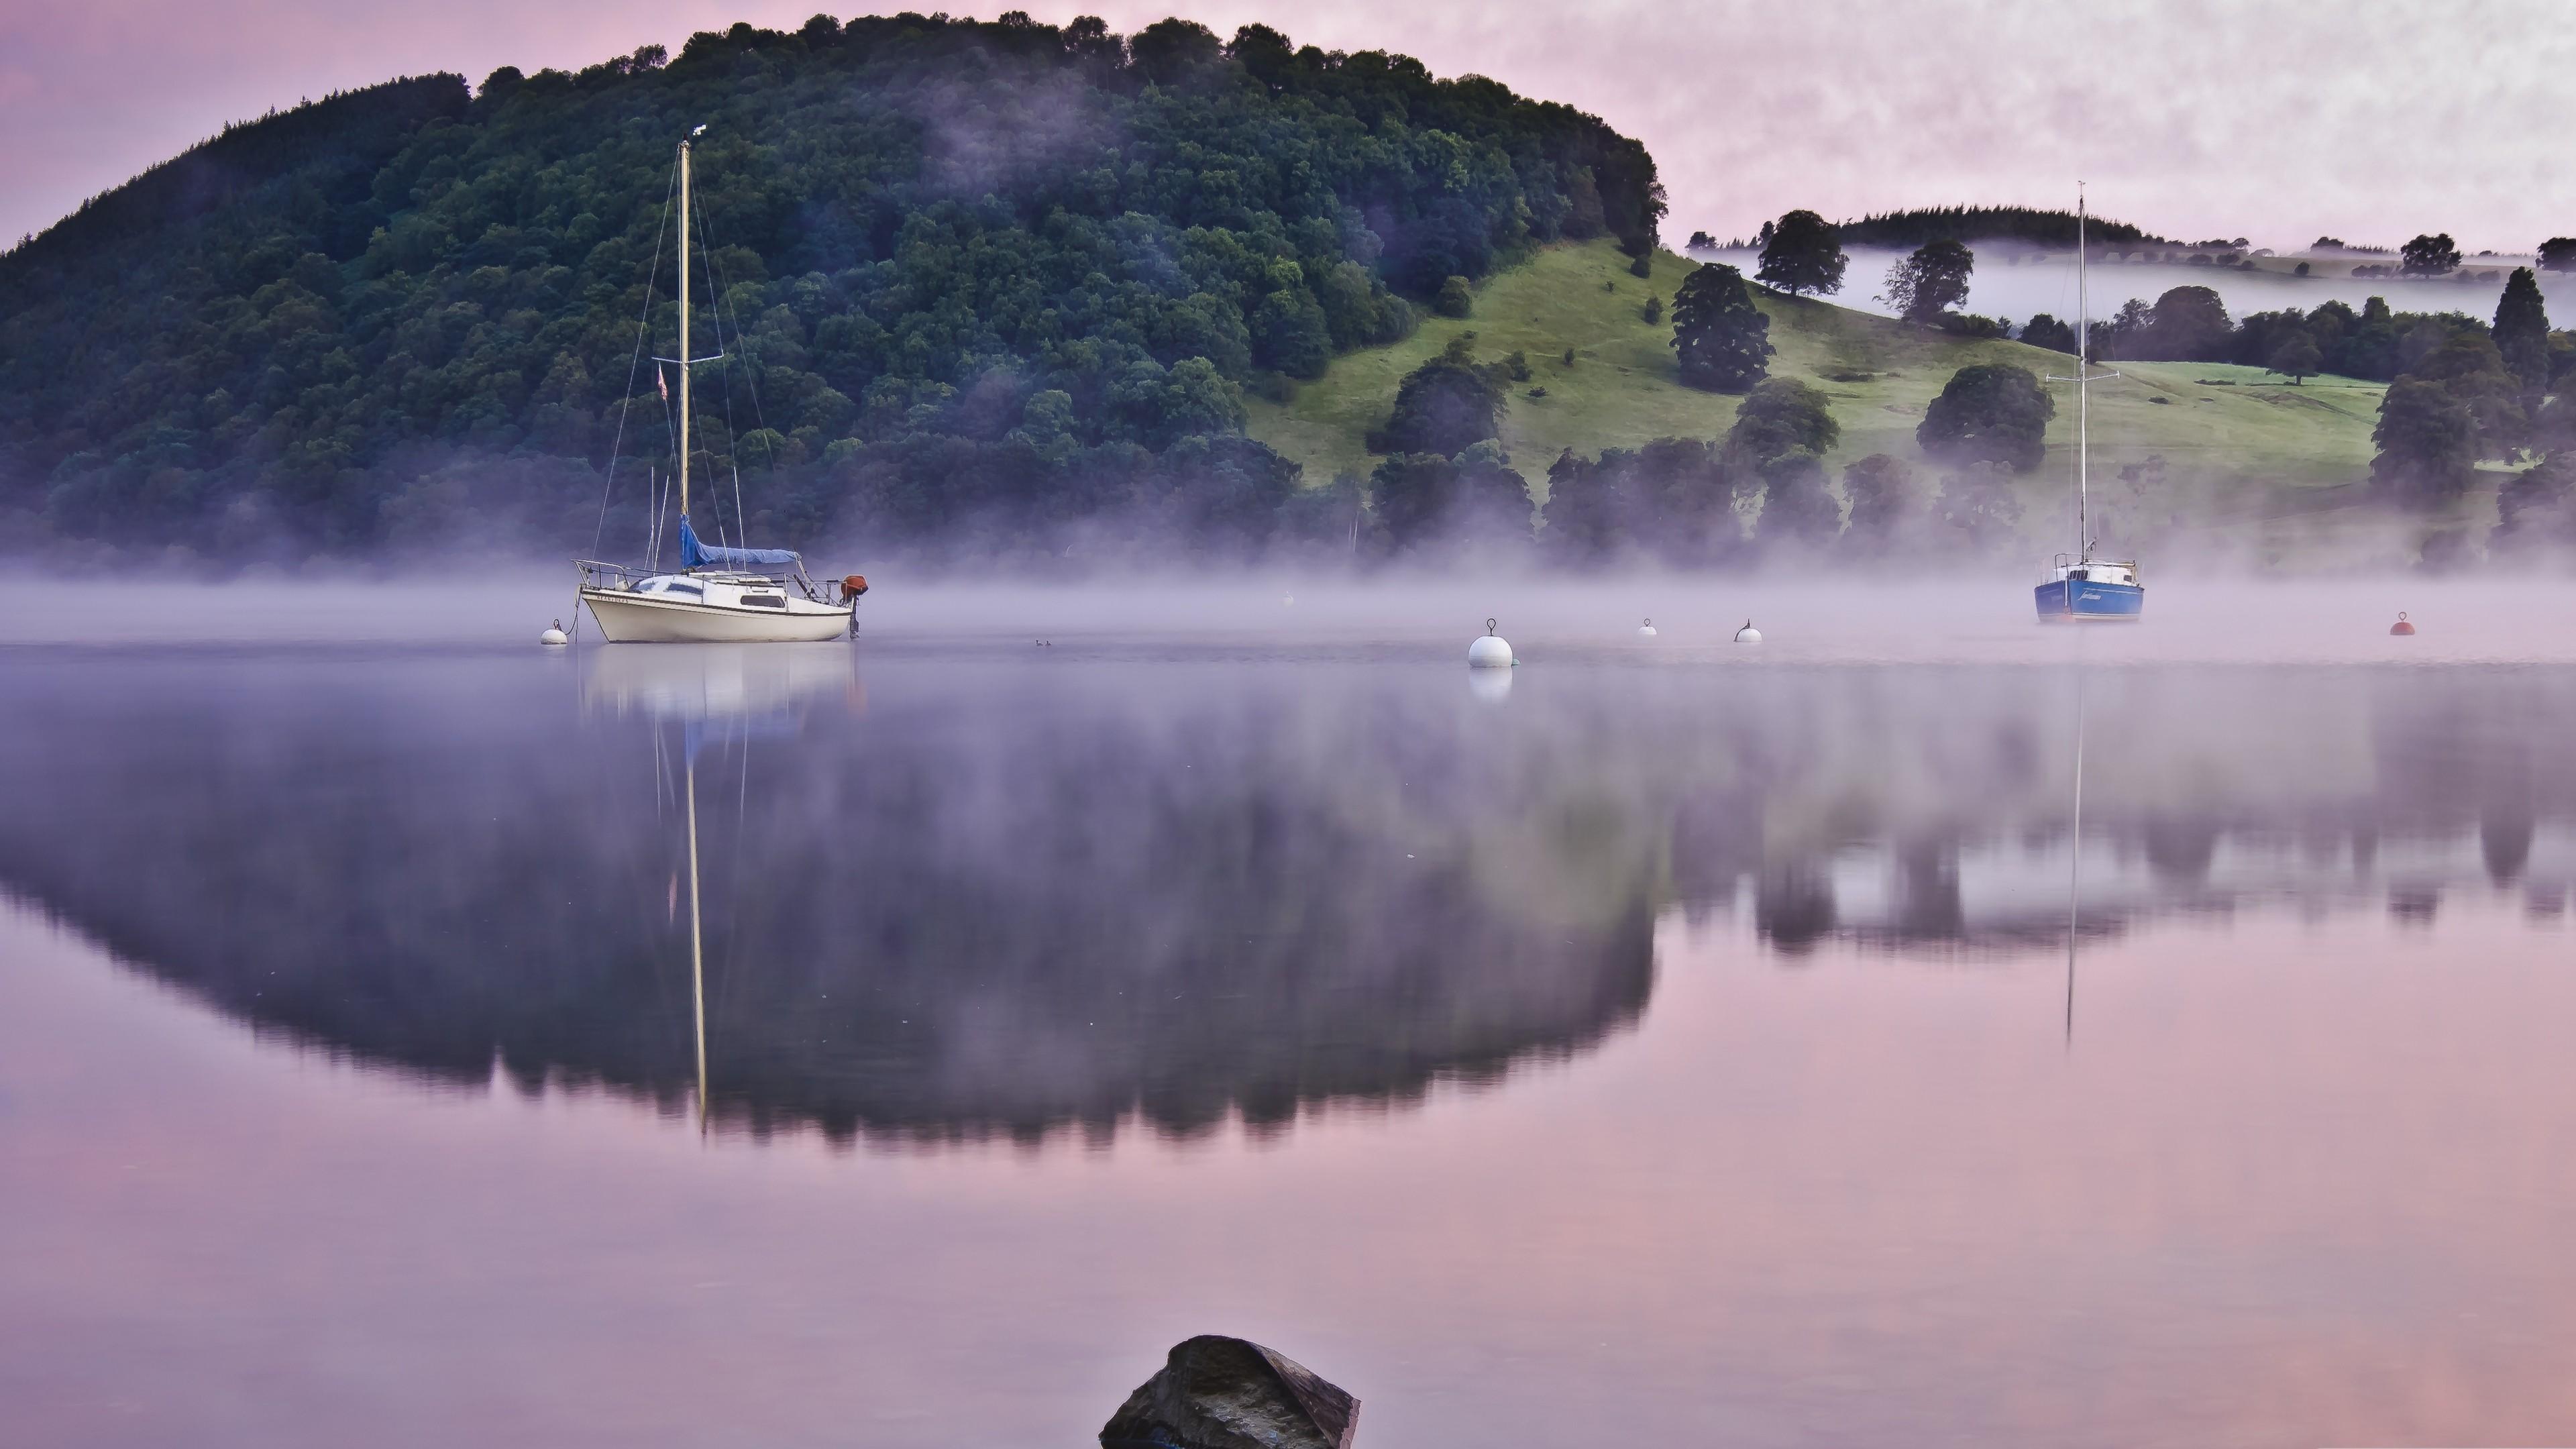 Wallpaper Lake 4k 5k Wallpaper Fog Hills Boat